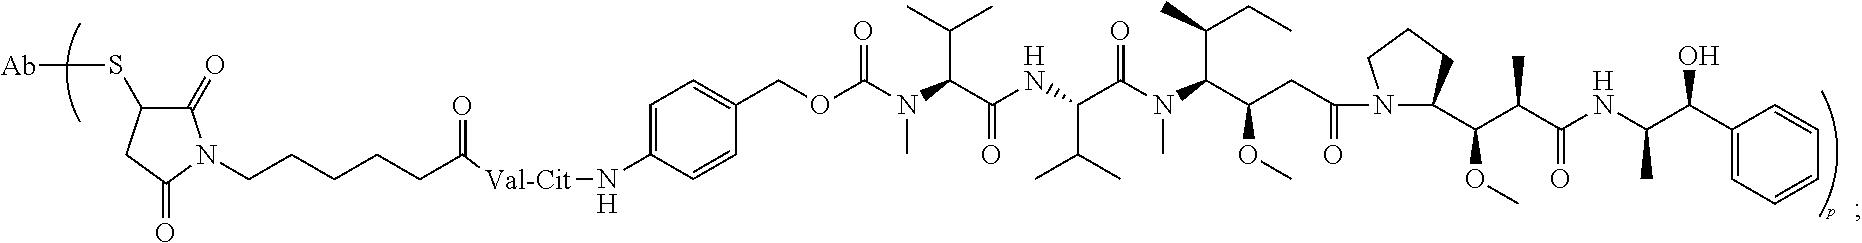 Figure US10059768-20180828-C00016